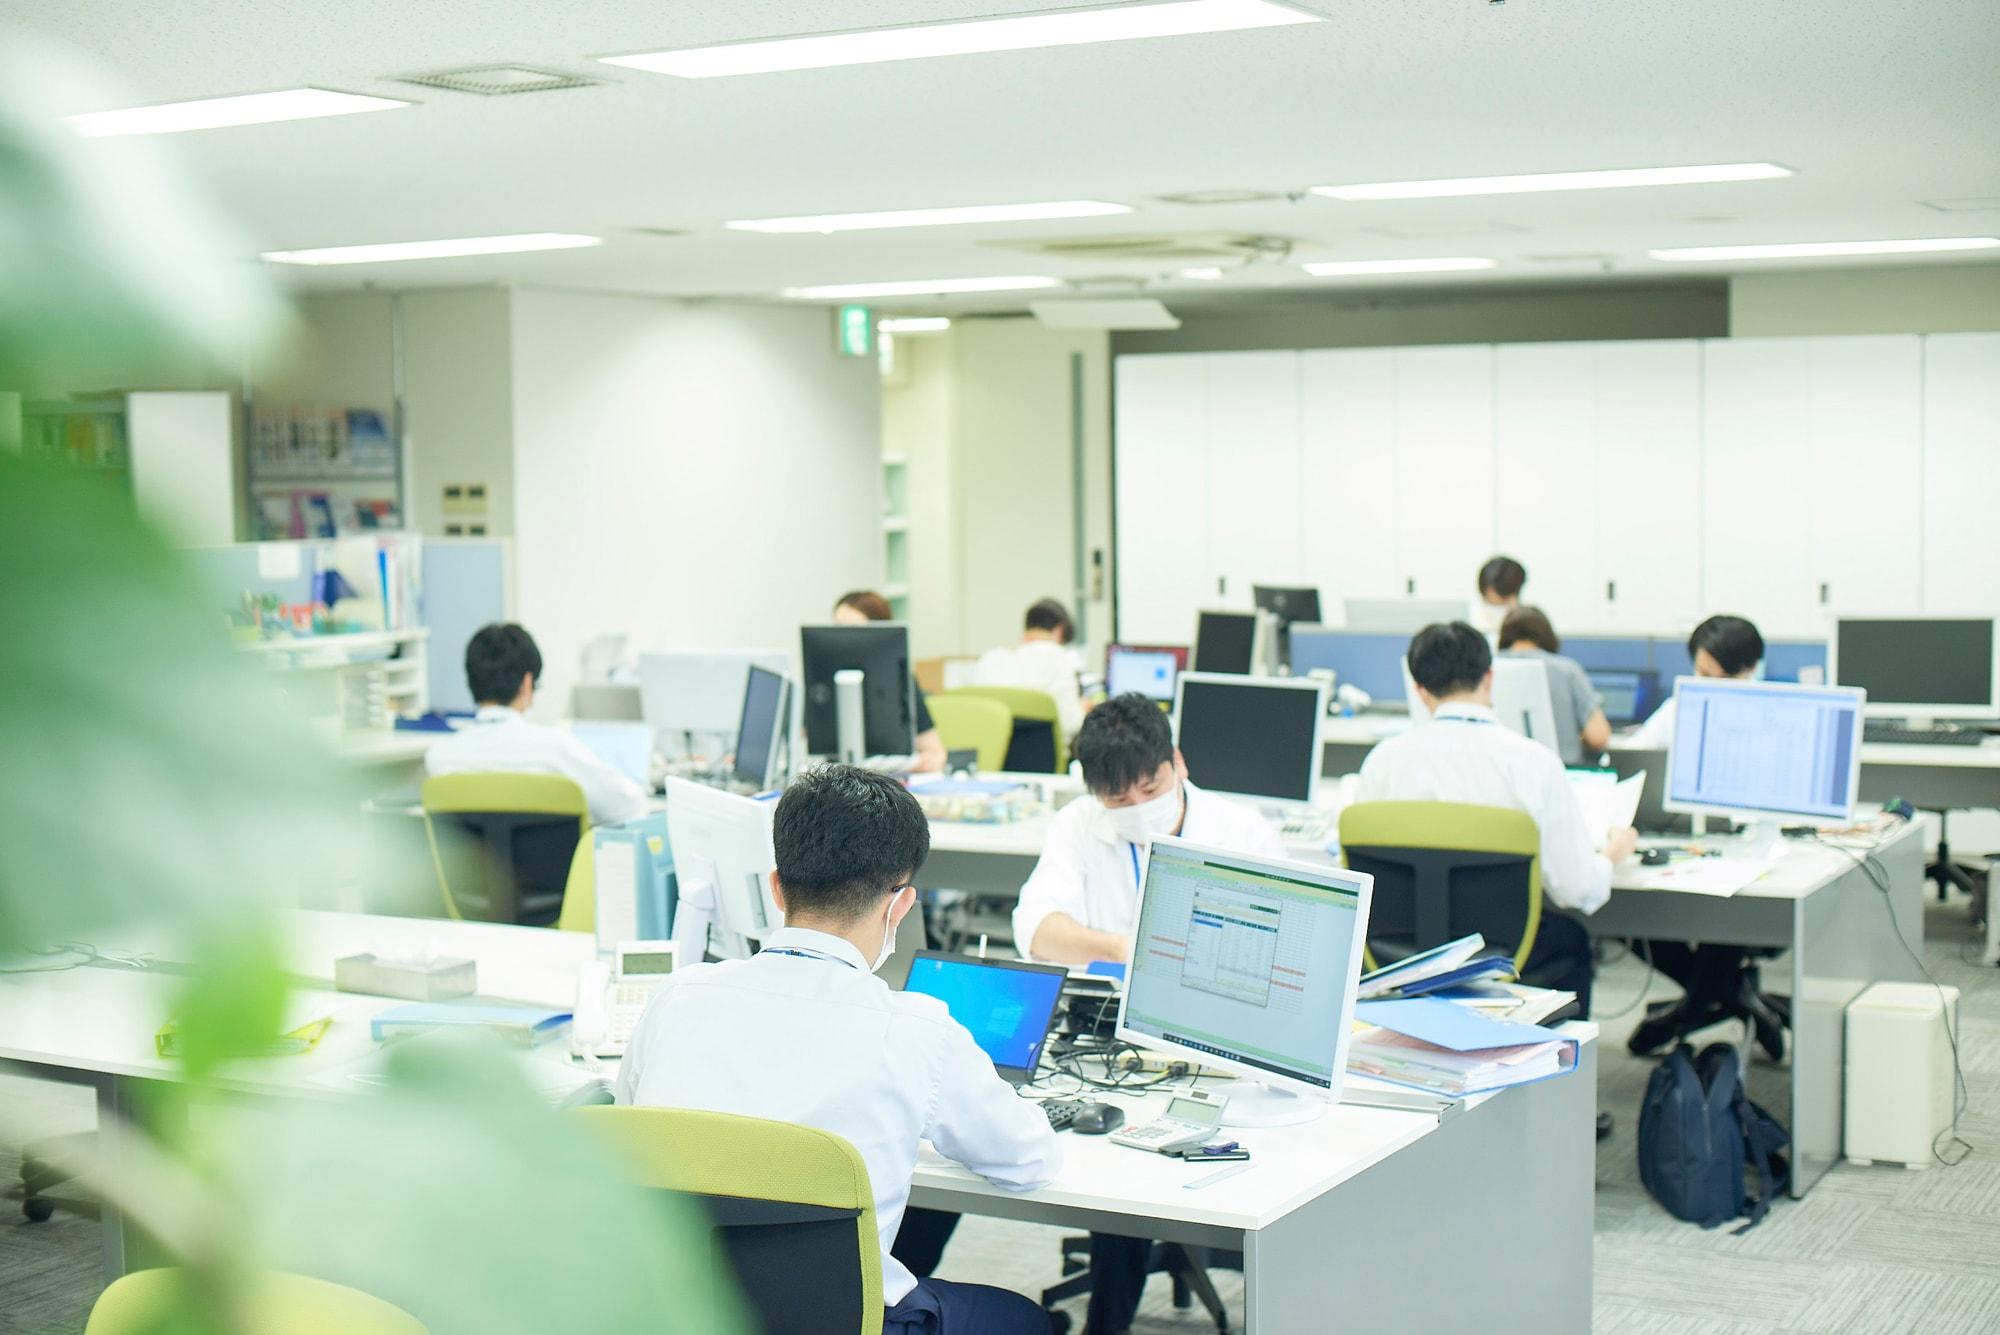 大阪のビジネス街、本町と淀屋橋近くにある大阪事務所のオフィスフロア。約30人弱のスタッフがいます。四ツ橋線肥後橋駅より徒歩1分と通勤至便です。